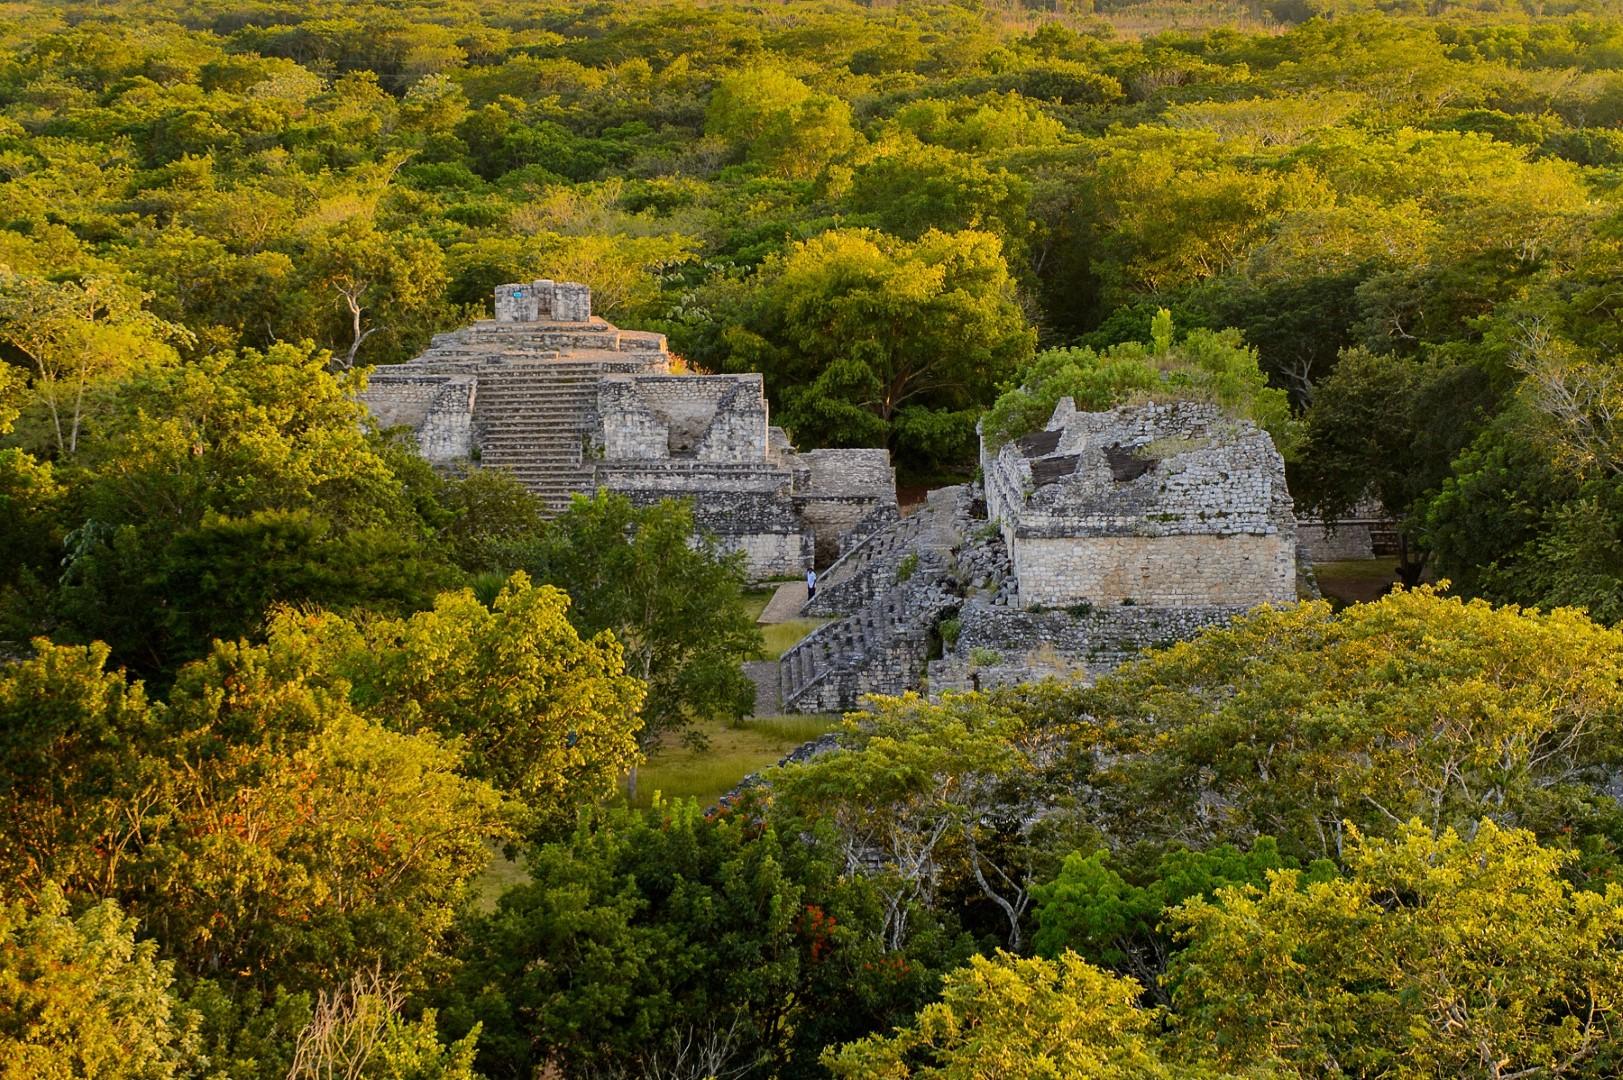 An aerial view of Ek Balam in the Yucatan Peninsula